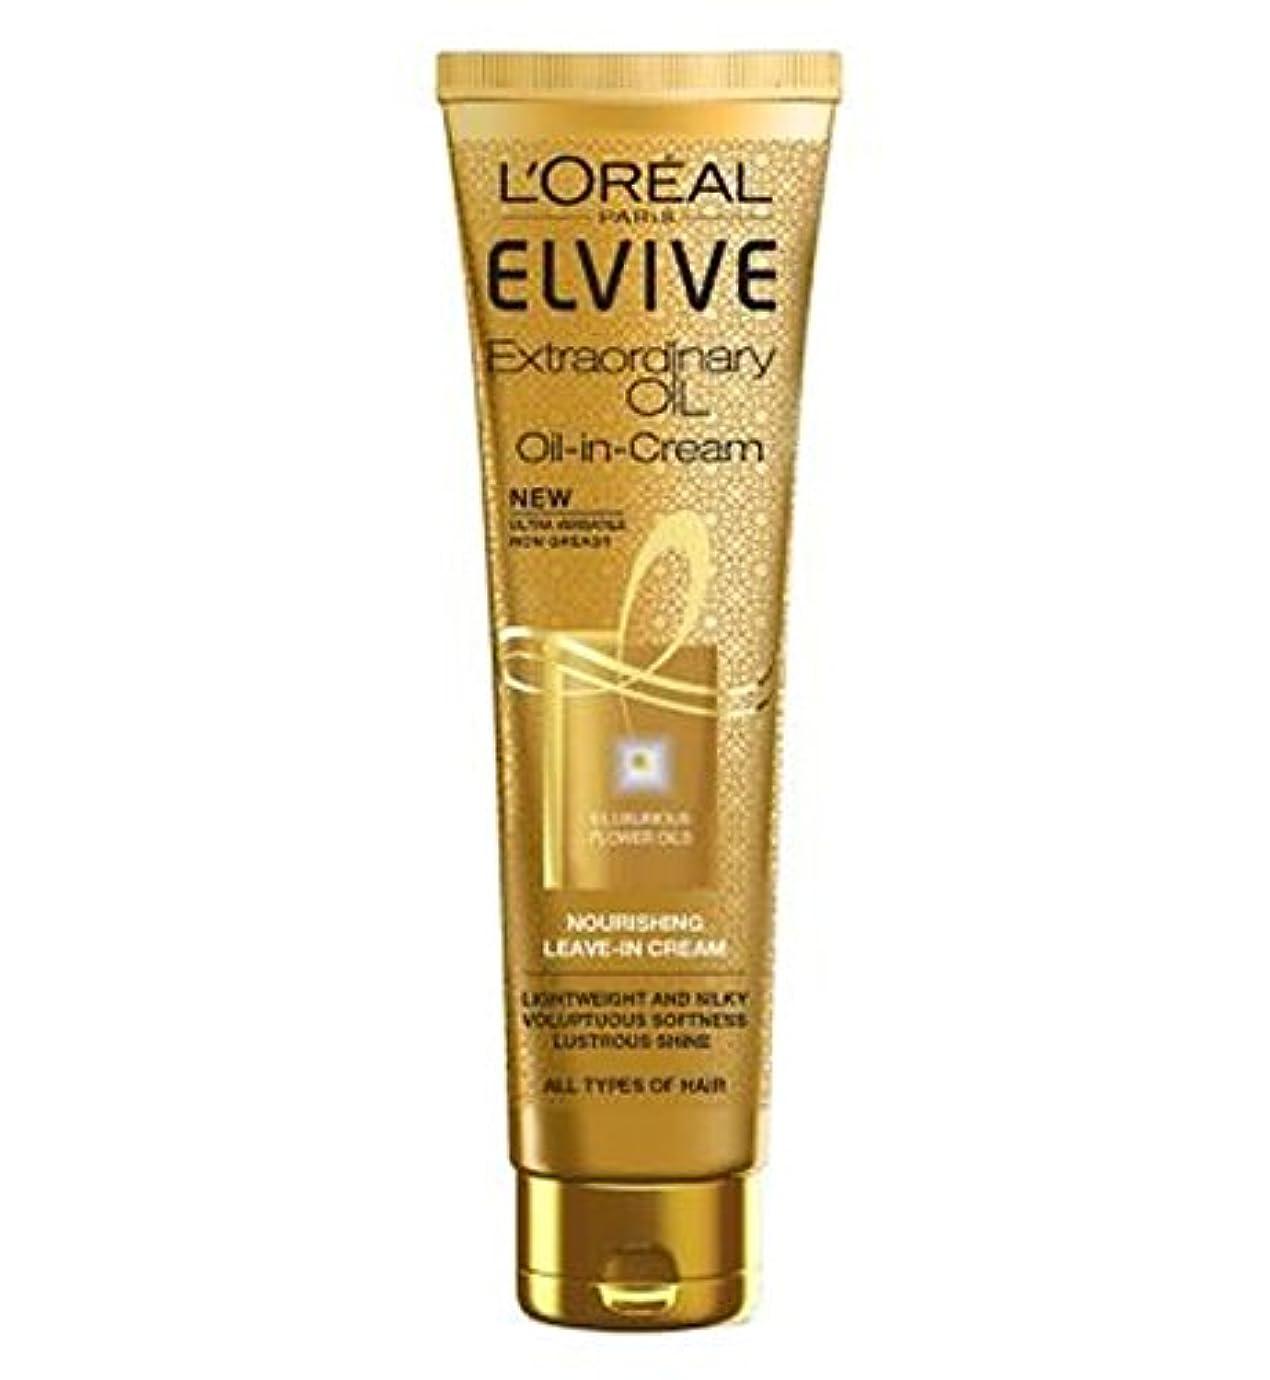 ガード納得させる代表団L'Oreal Paris Elvive Extraordinary Oil in Cream All Hair Types - すべての髪のタイプのクリームでロレアルパリElvive臨時オイル (L'Oreal) [並行輸入品]